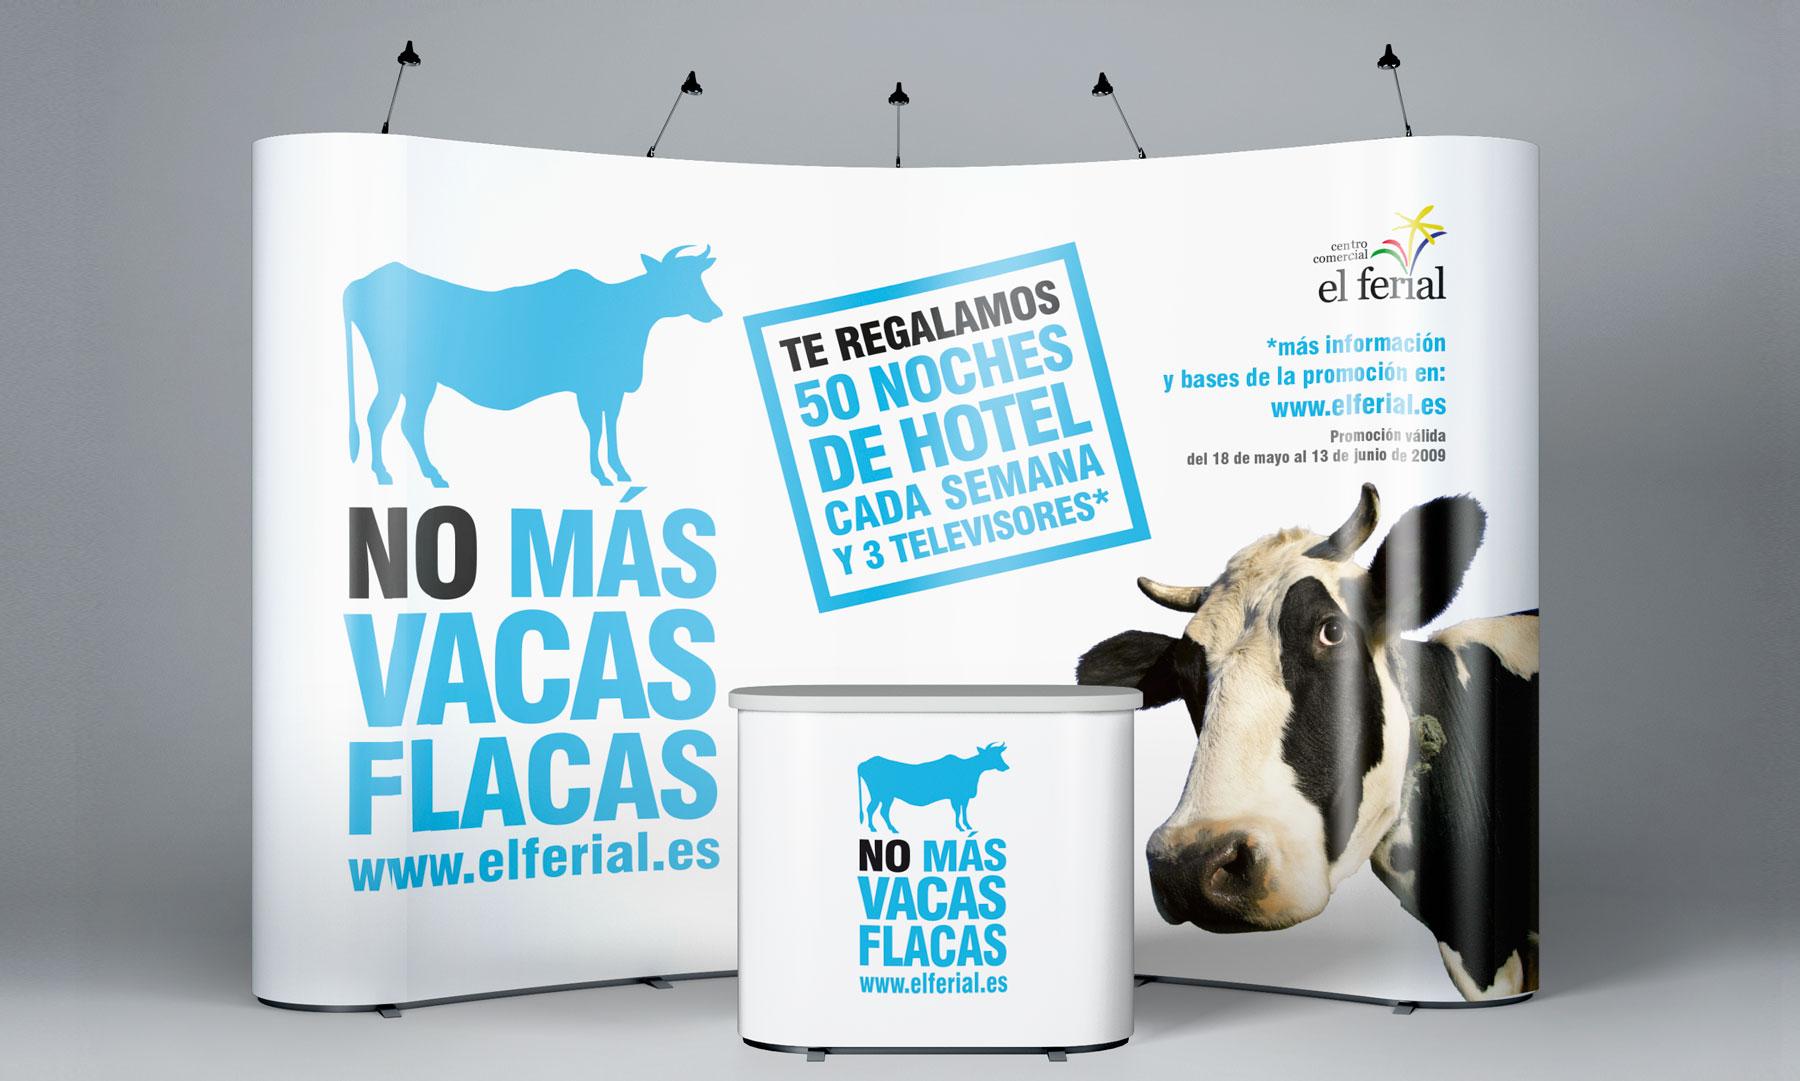 el_ferial_no_mas_vacas_flacas_06